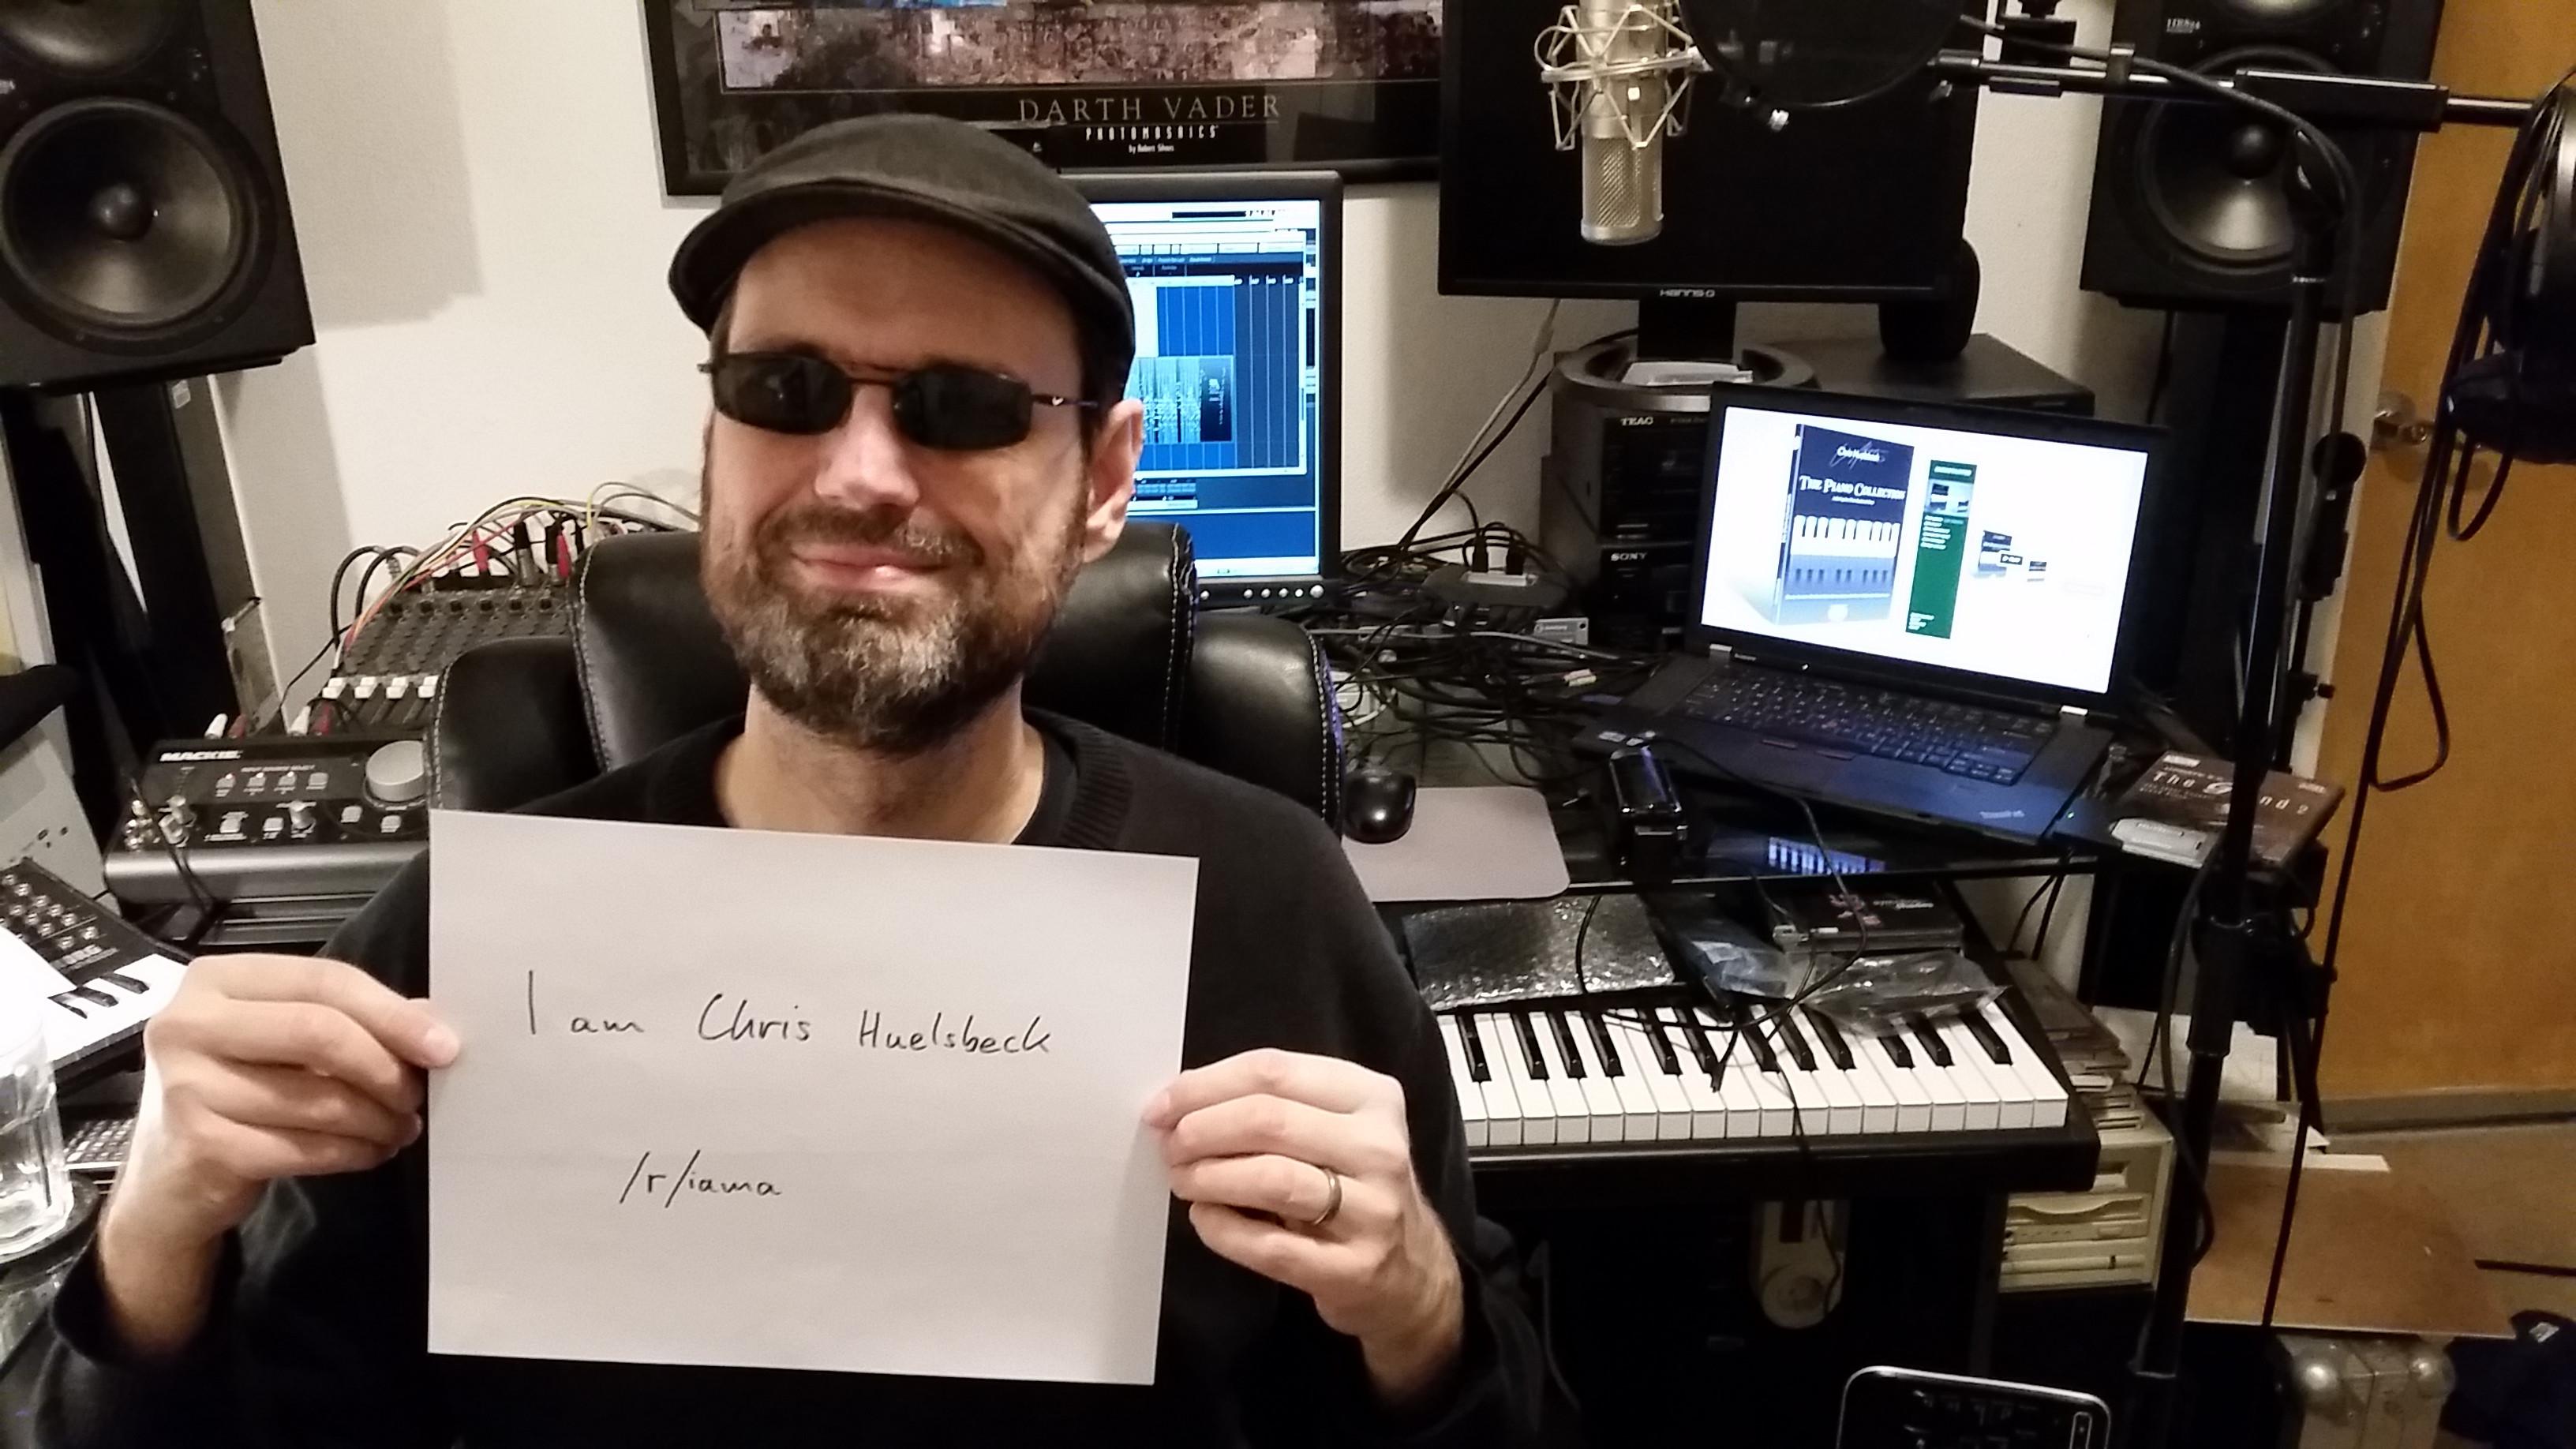 Chris Huelsbeck Reddit AMA